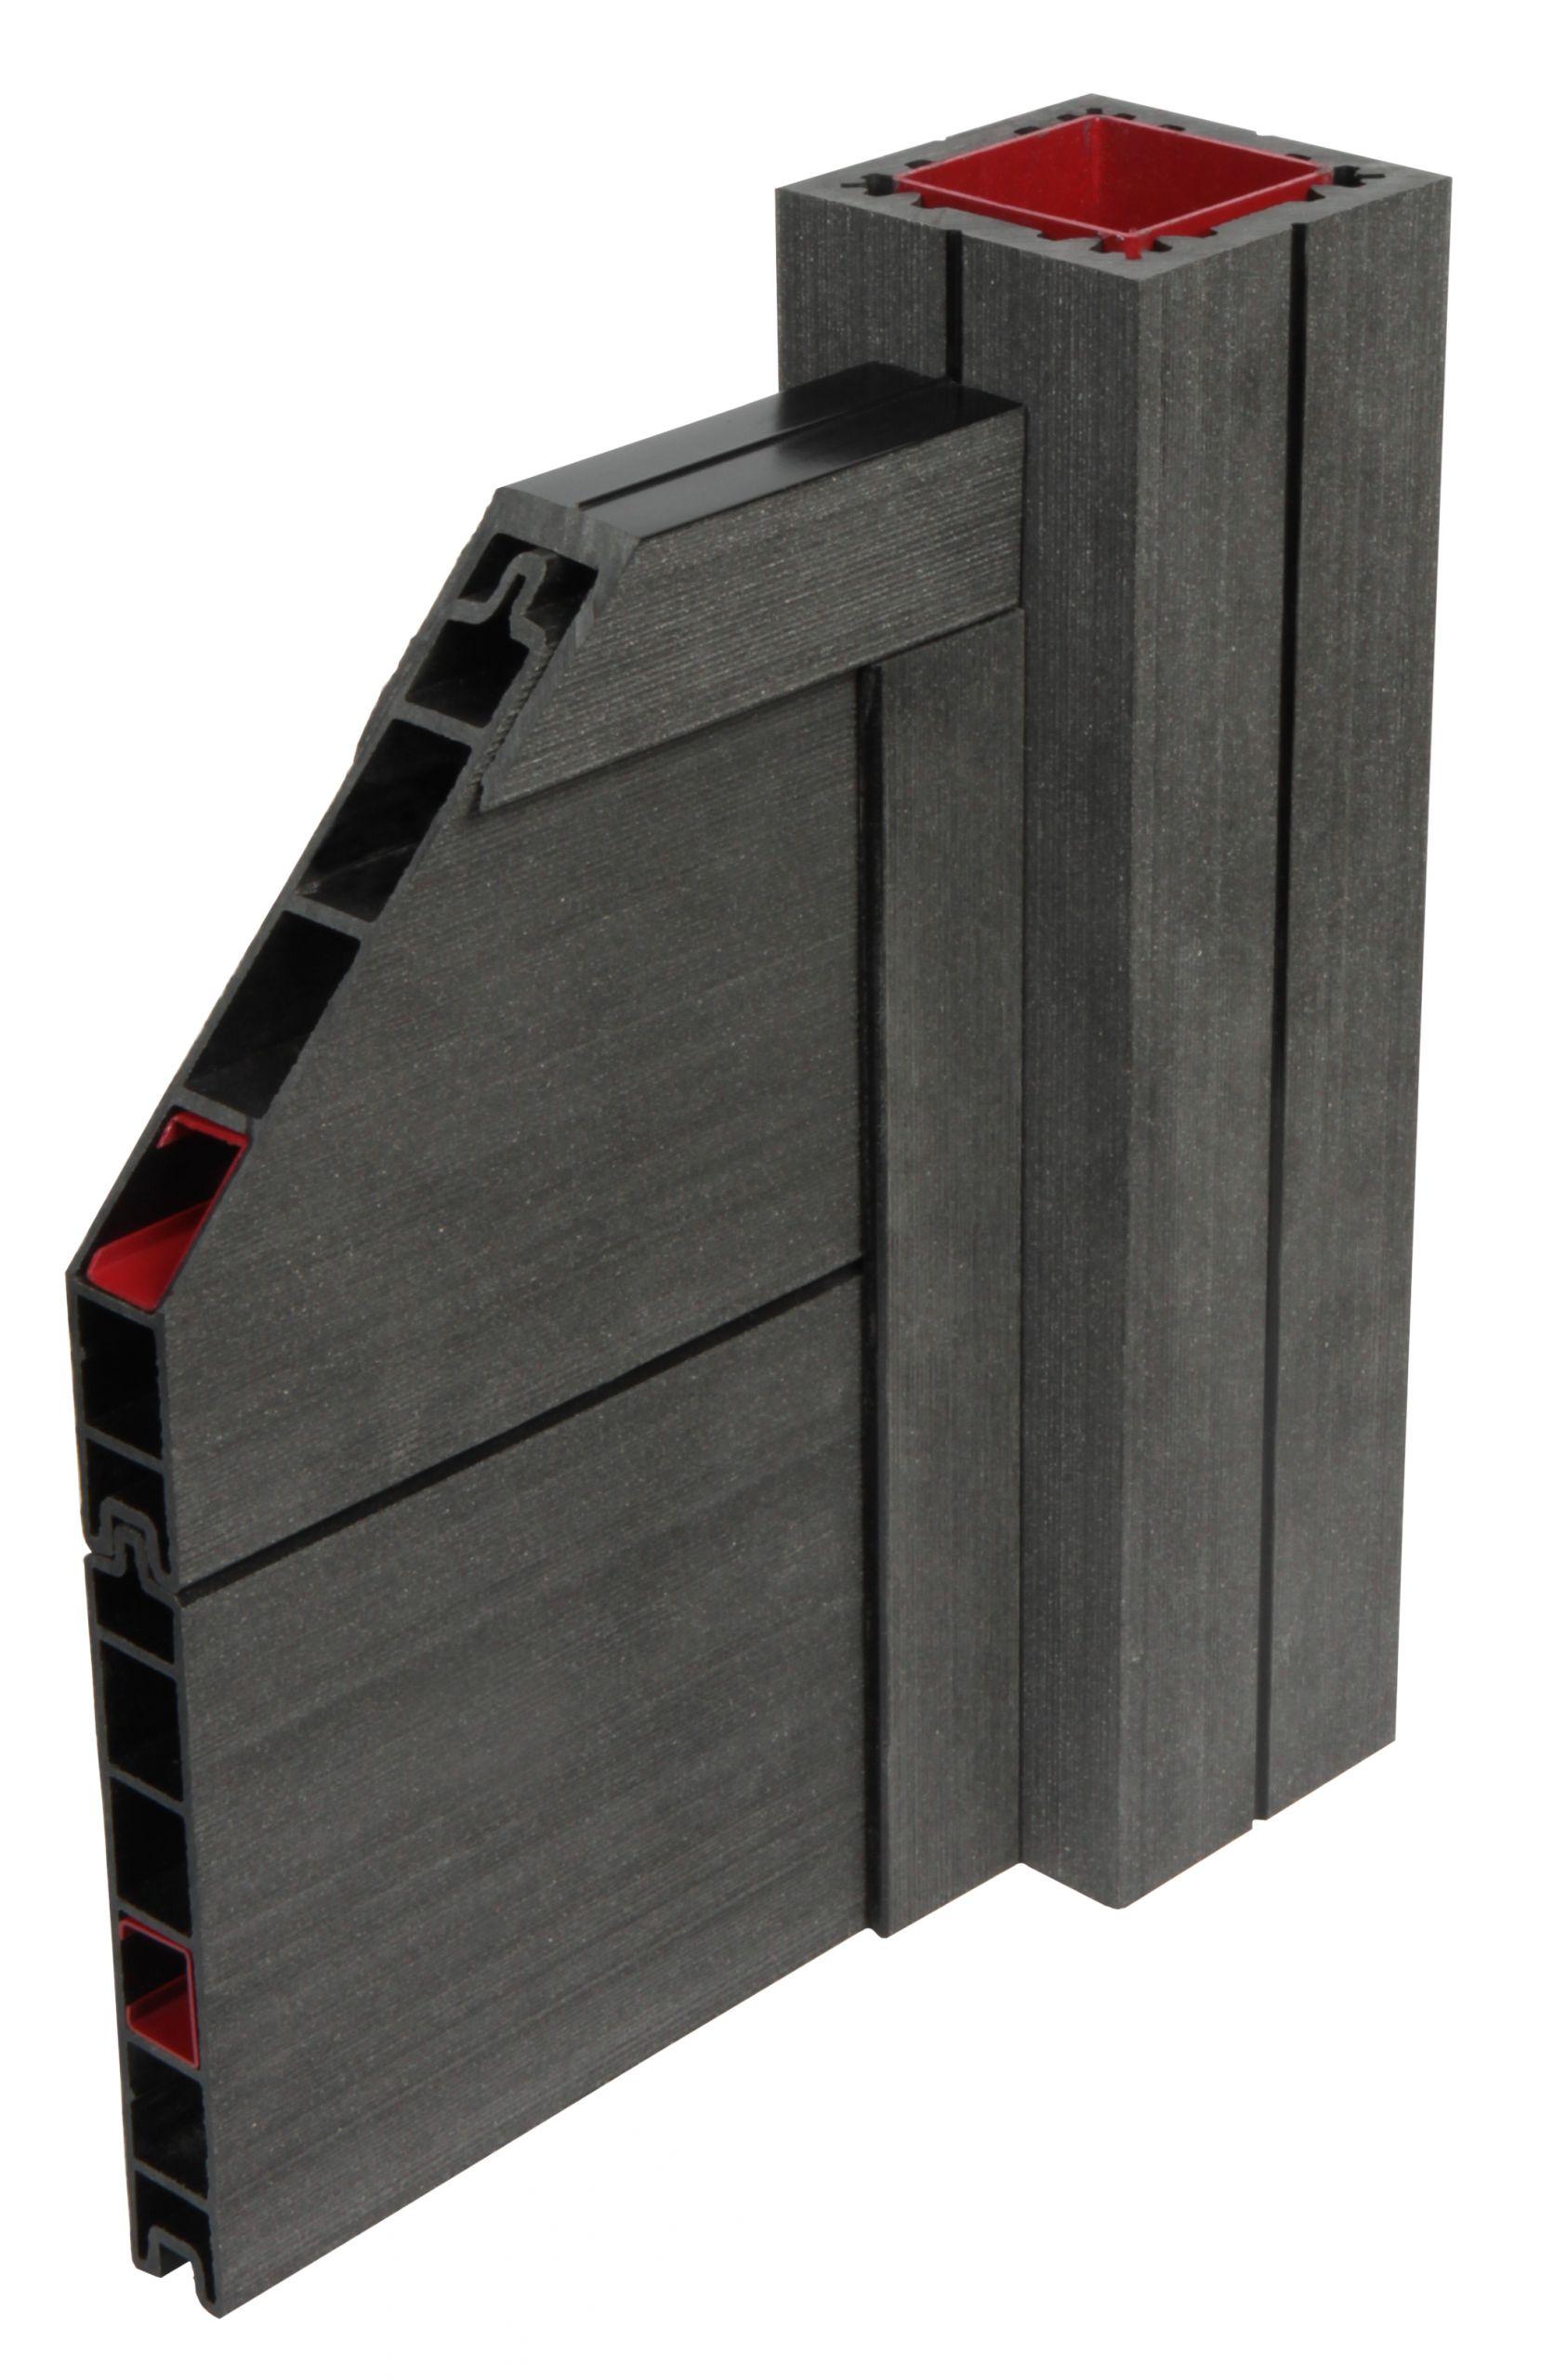 GUJ M WPC Zaun Sombra 180 x 180 x 27 cm Stecksystem Standard Farbe wahlweise 4